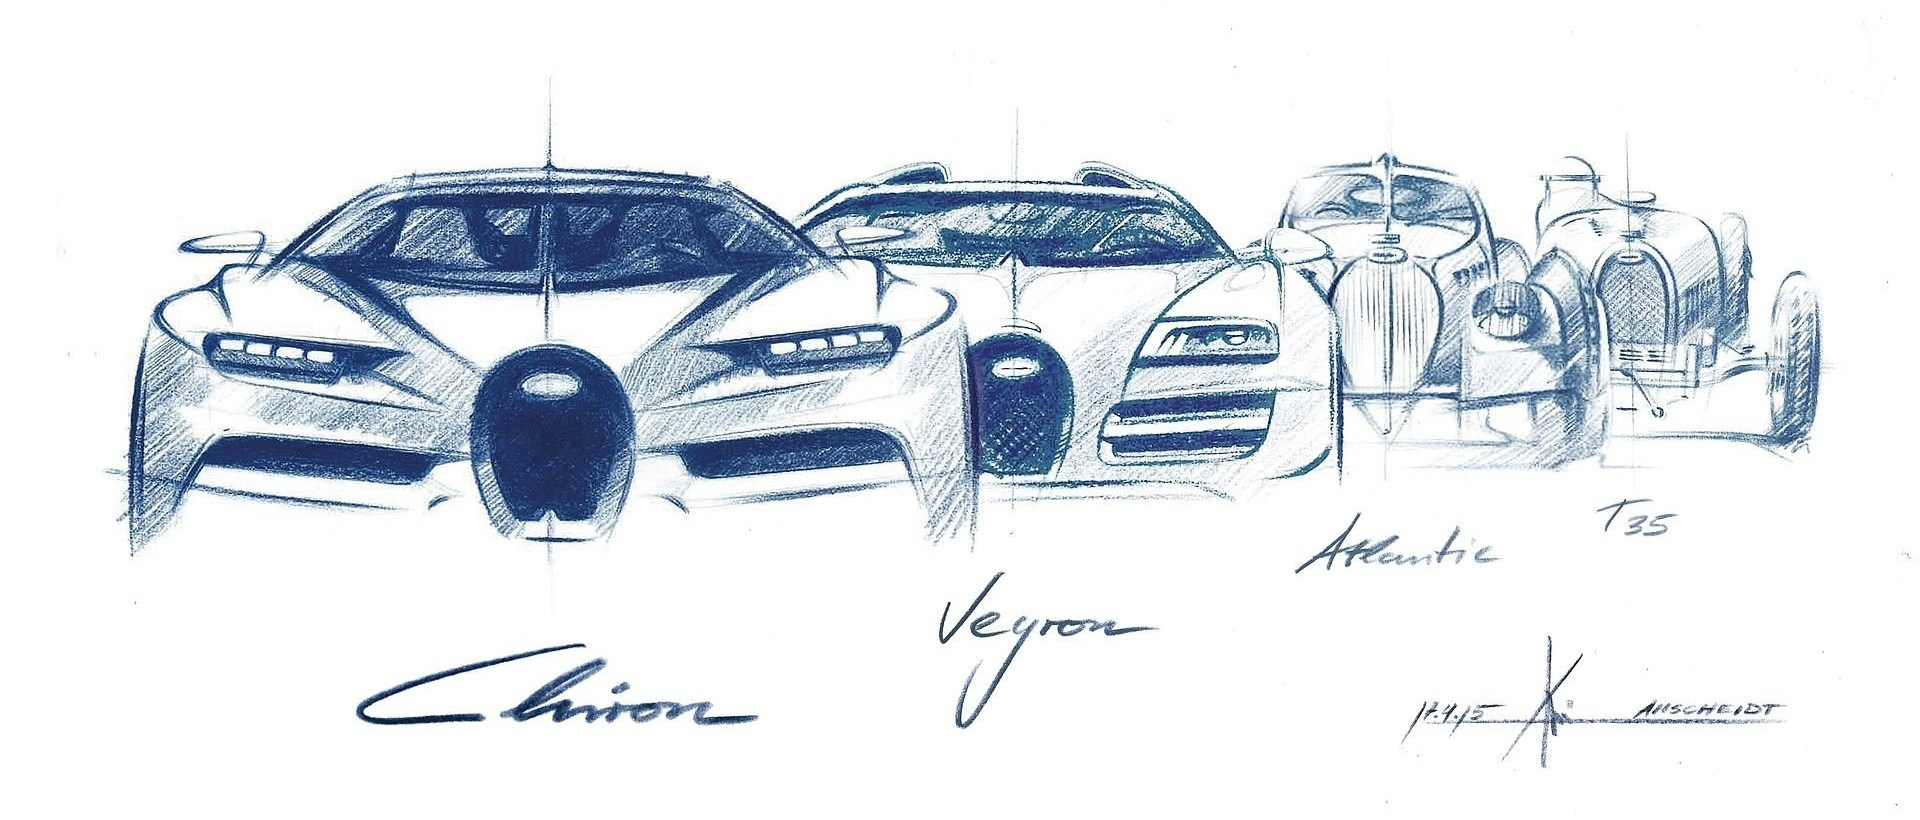 El origen de la parrilla de Bugatti